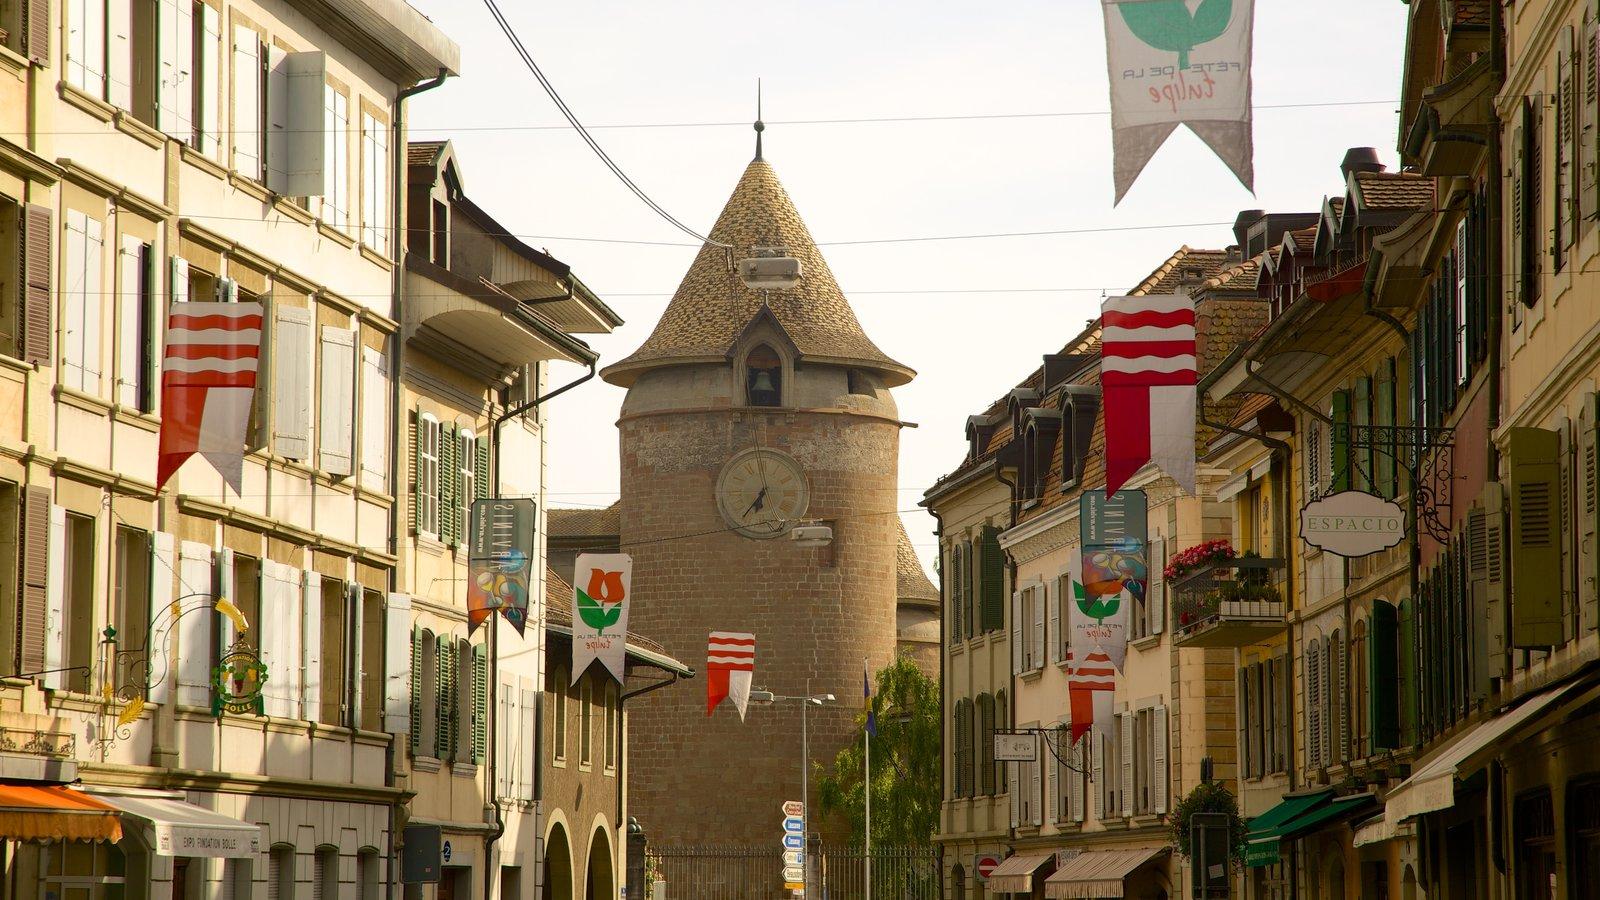 Morges mostrando uma igreja ou catedral e cenas de rua